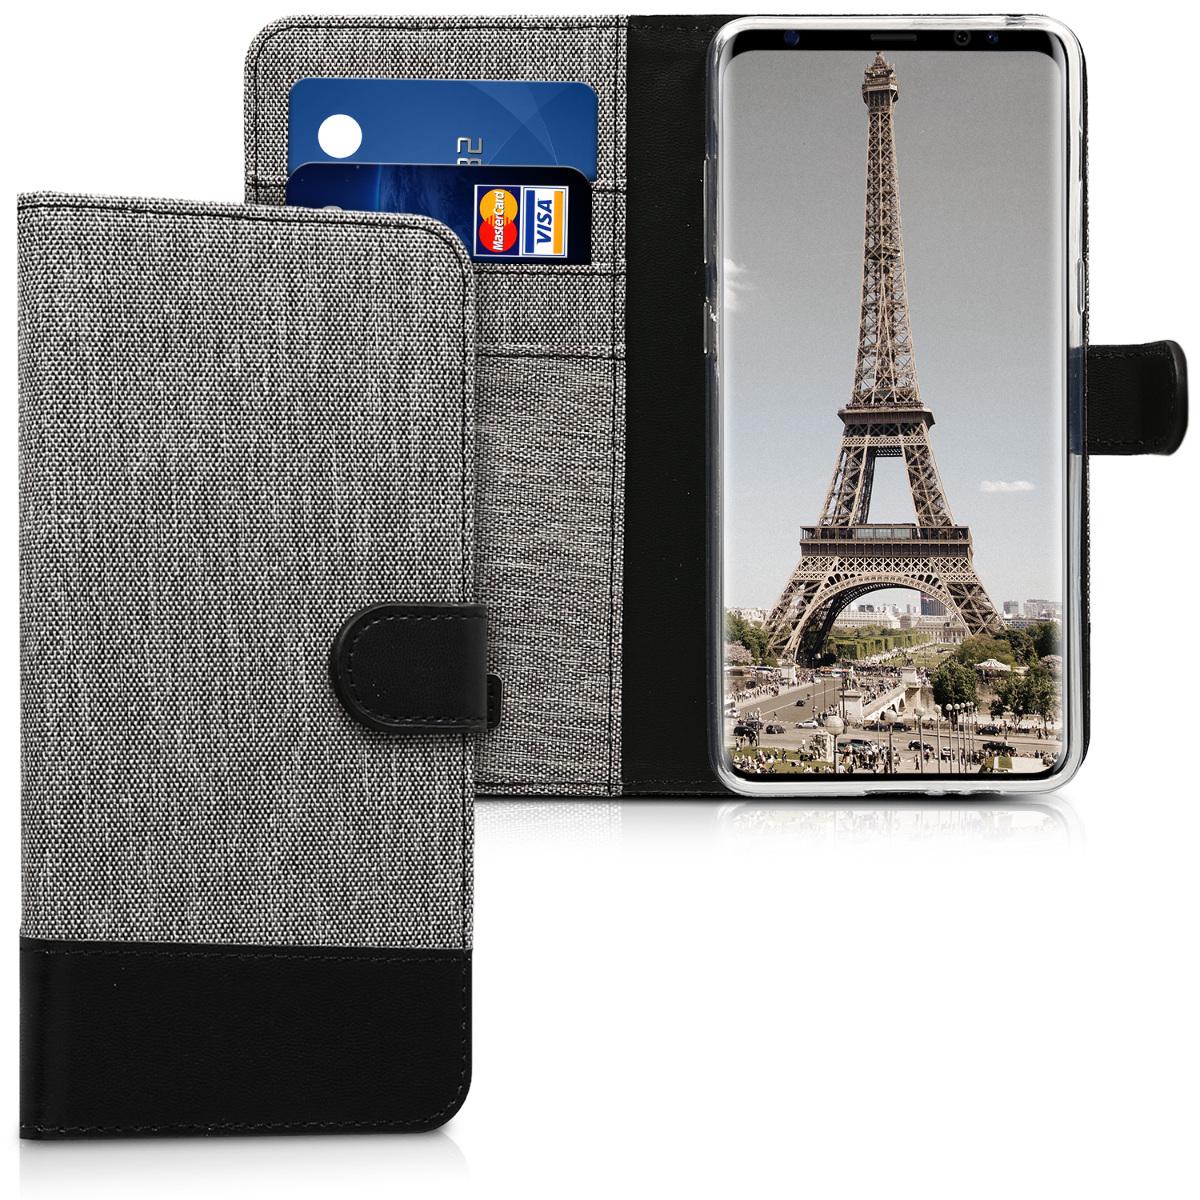 KW Θήκη-Πορτοφόλι Samsung Galaxy A8 Plus (2018) - Γκρι/ Μαύρο (44101.22)